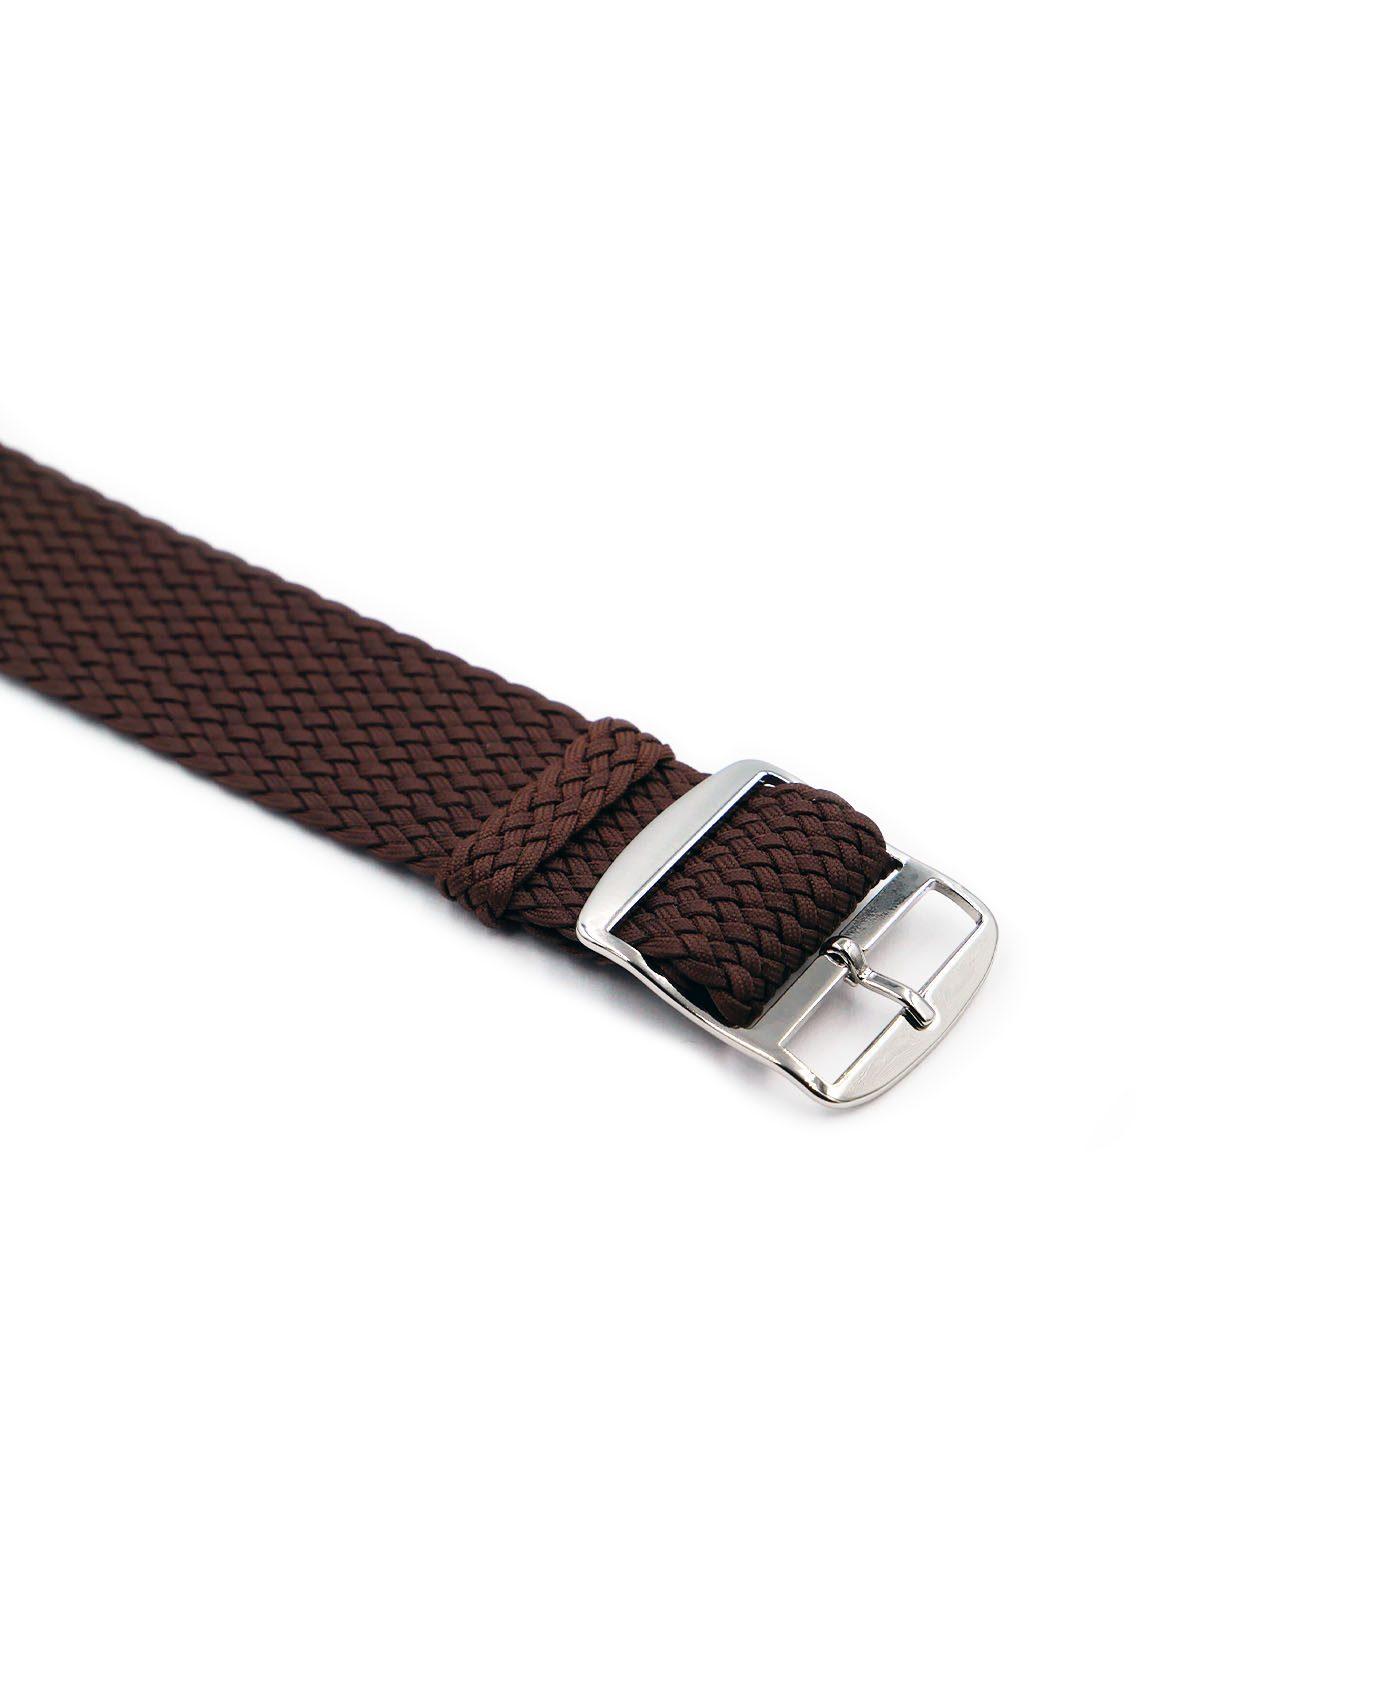 Watchbandit Premium Perlon Watch strap brown buckle